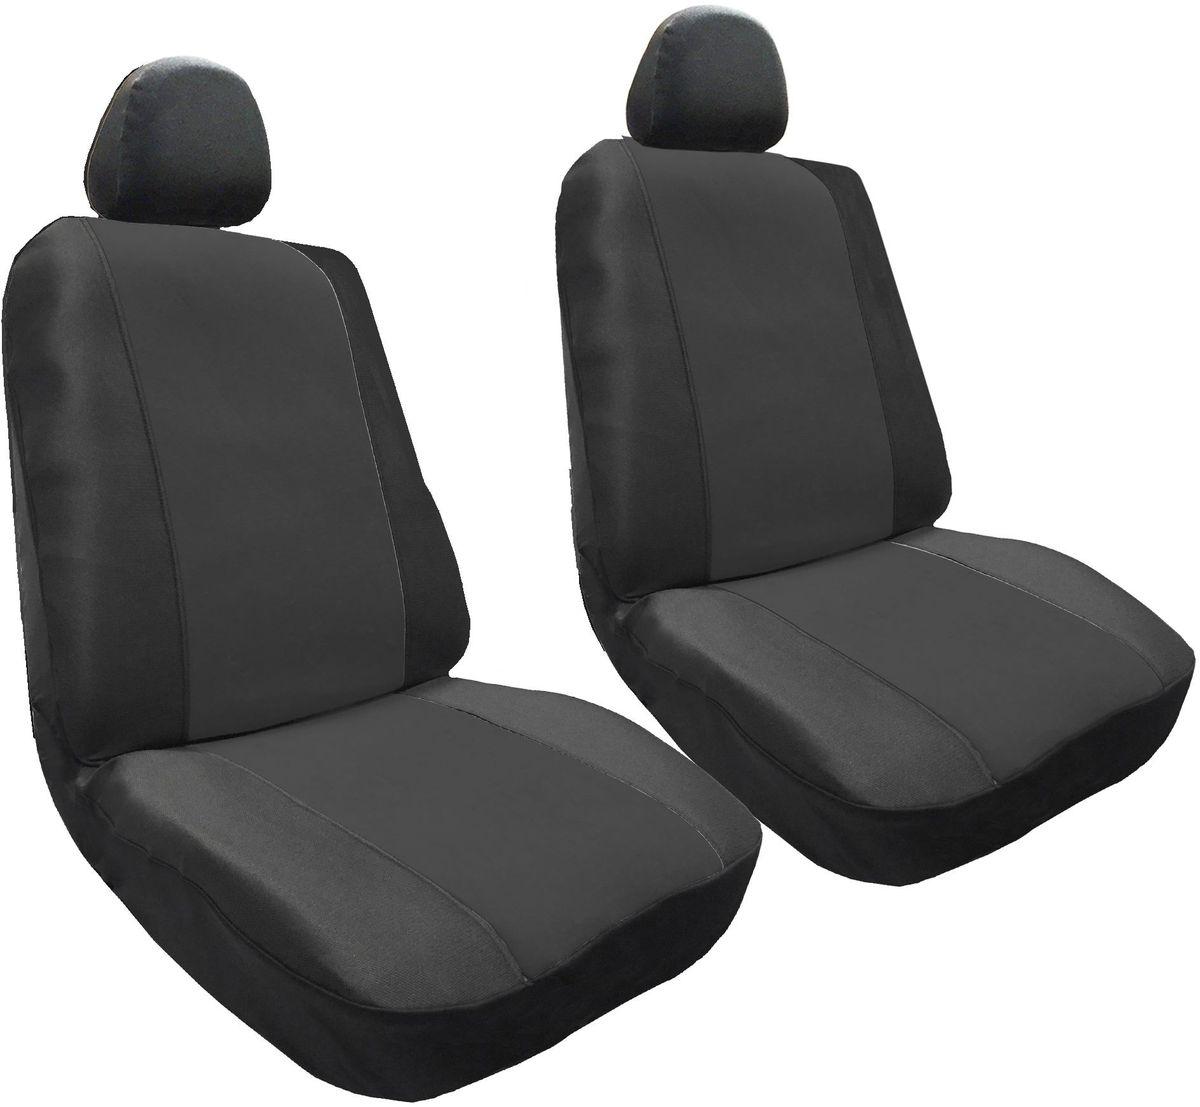 Набор автомобильных чехлов Auto Premium Корвет, цвет: черный, 4 предмета21395599Комплект универсальных чехлов Auto Premium Корвет выполнен из велюра. Предназначен для передних кресел автомобиля. В комплект входят съемные чехлы для подголовников. Практичный и долговечный комплект чехлов для передних сидений надежно защищает сиденье водителя и пассажира от механических повреждений, загрязнений и износа.